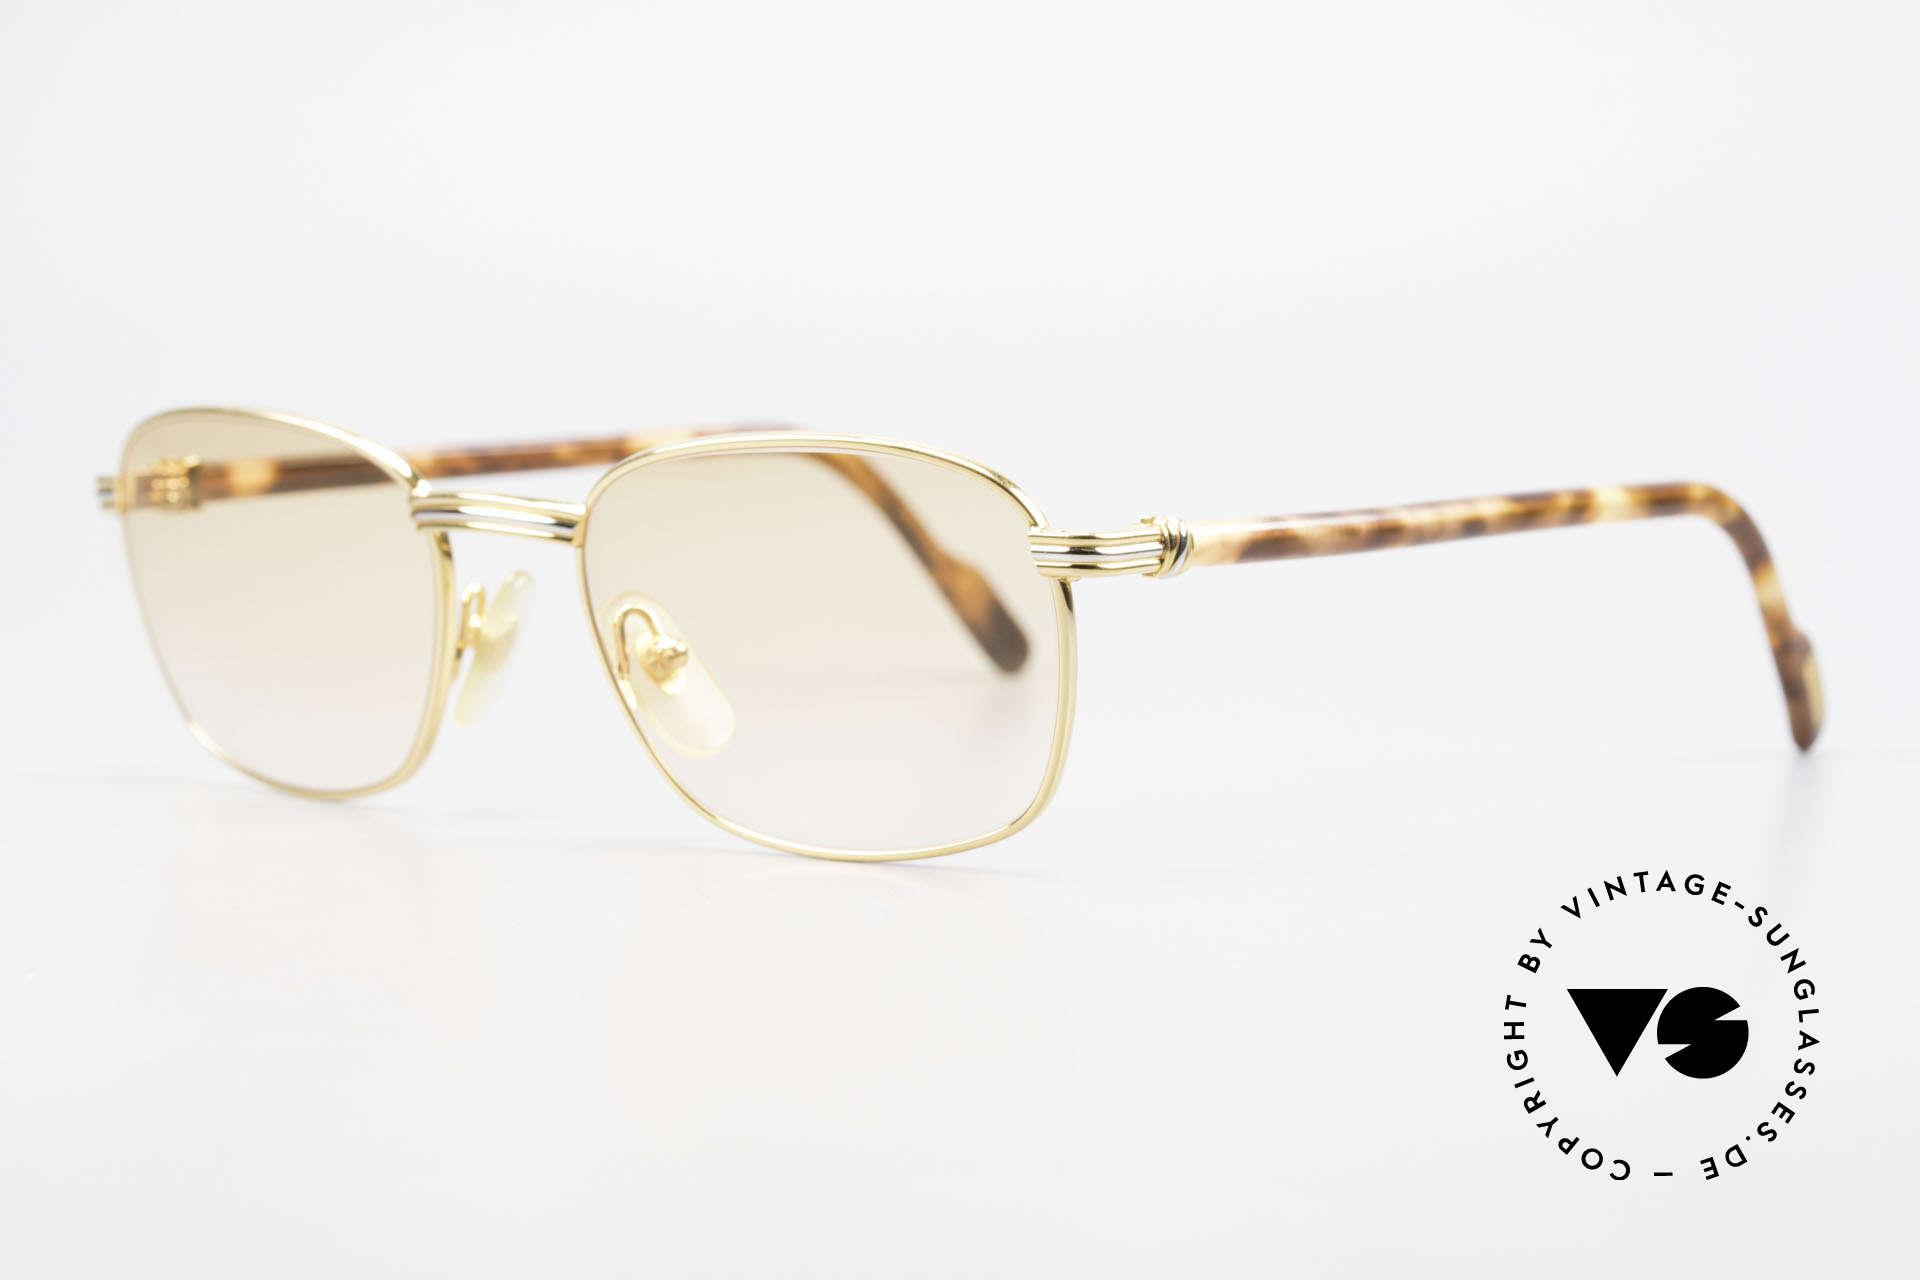 Cartier Aube Luxus Brille In Orange Verlauf, altes Original in Top-Qualität und zeitlosem Design, Passend für Herren